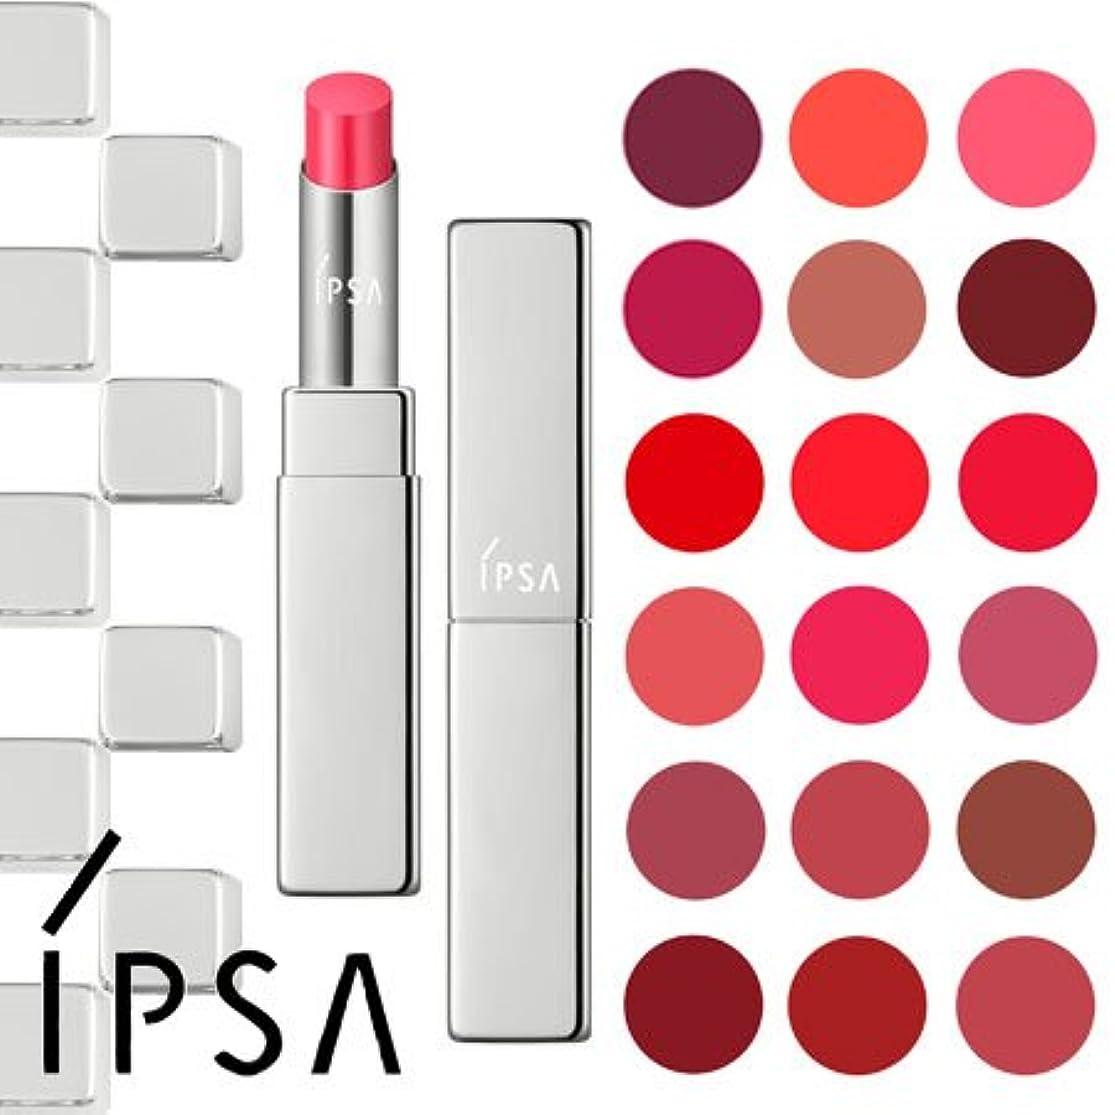 感嘆耕す好奇心イプサ リップスティック -IPSA- C10